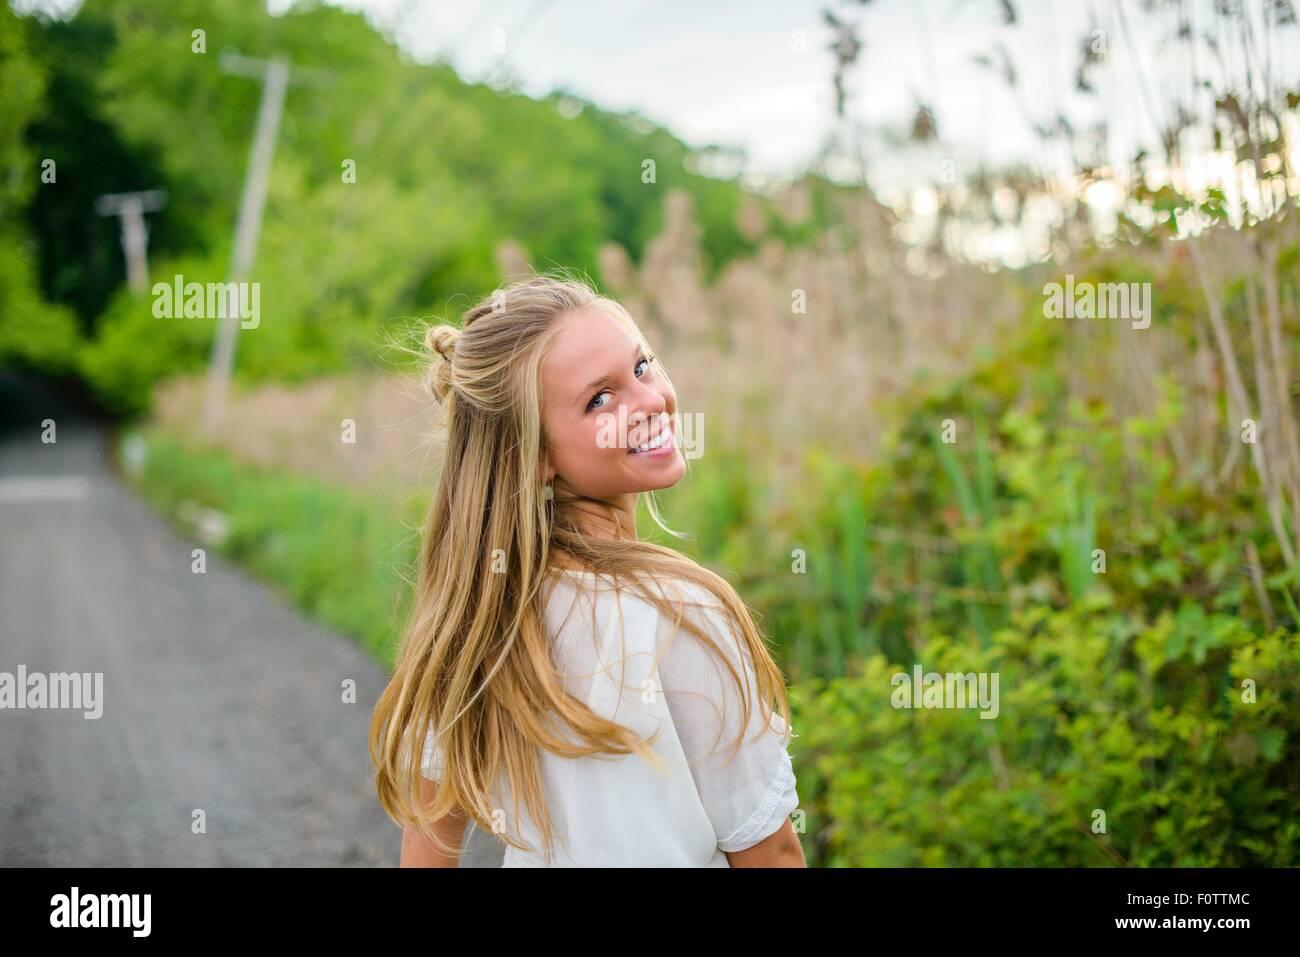 Retrato de mujer joven con largo pelo rubio mirando hacia atrás en los caminos rurales Foto de stock